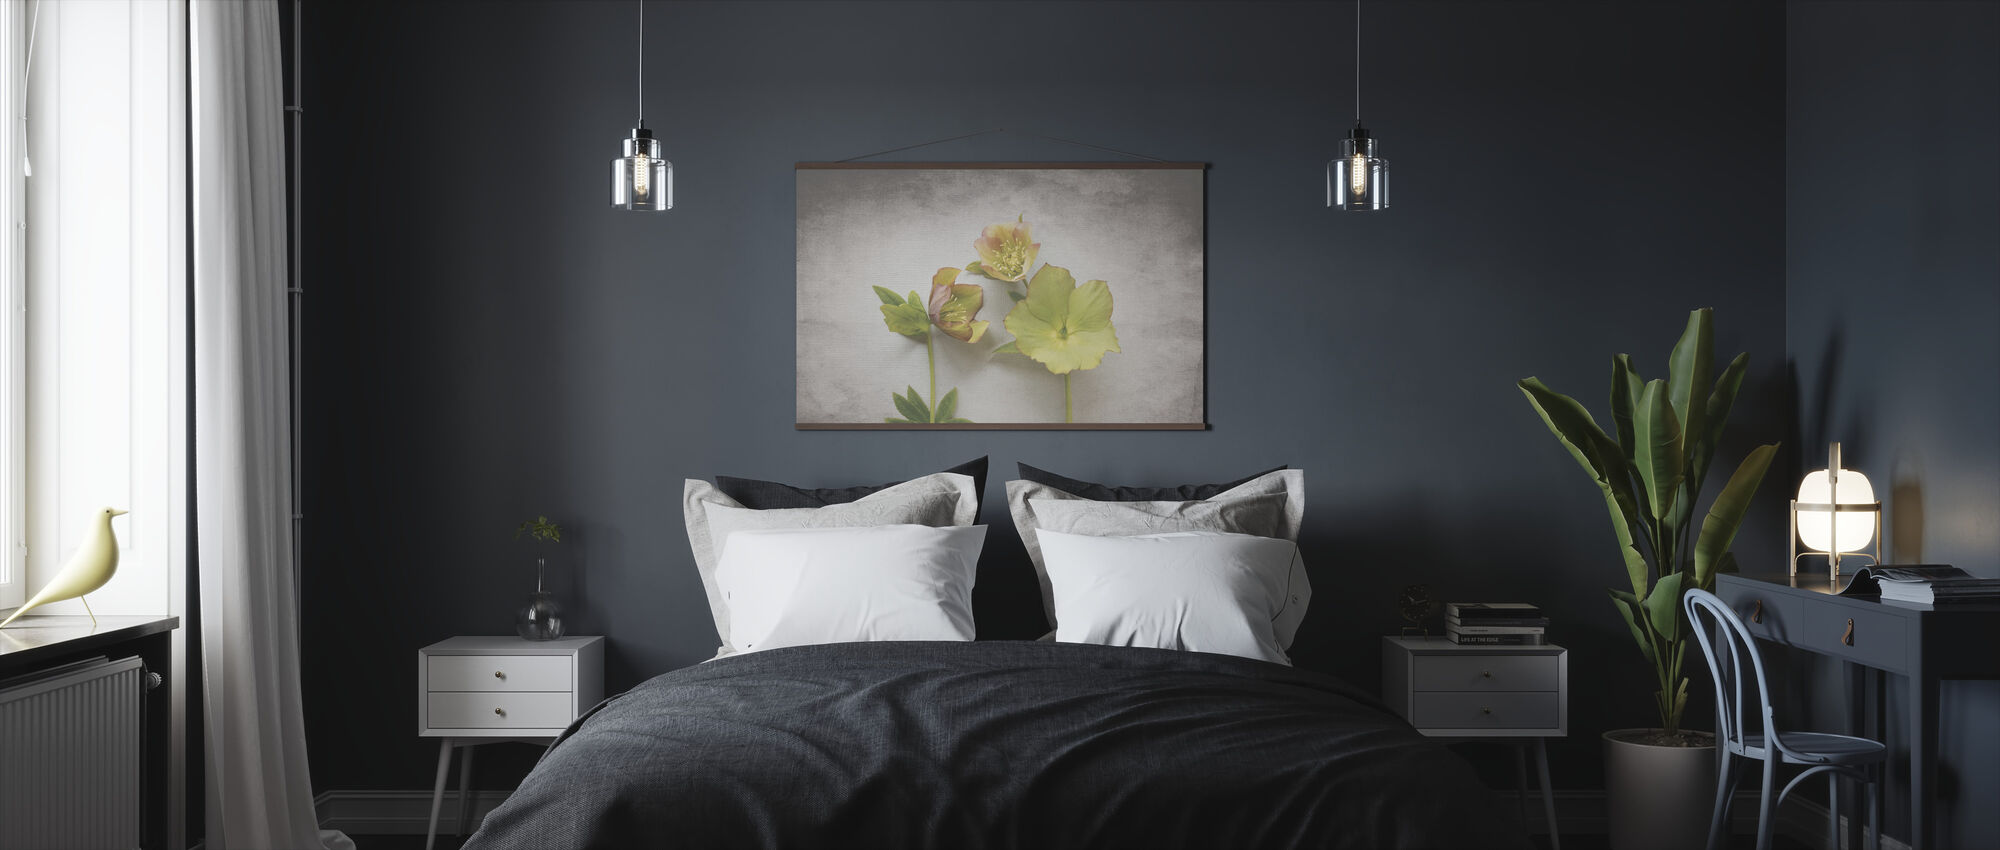 Estudio de Eléboro Vintage IV - Póster - Dormitorio